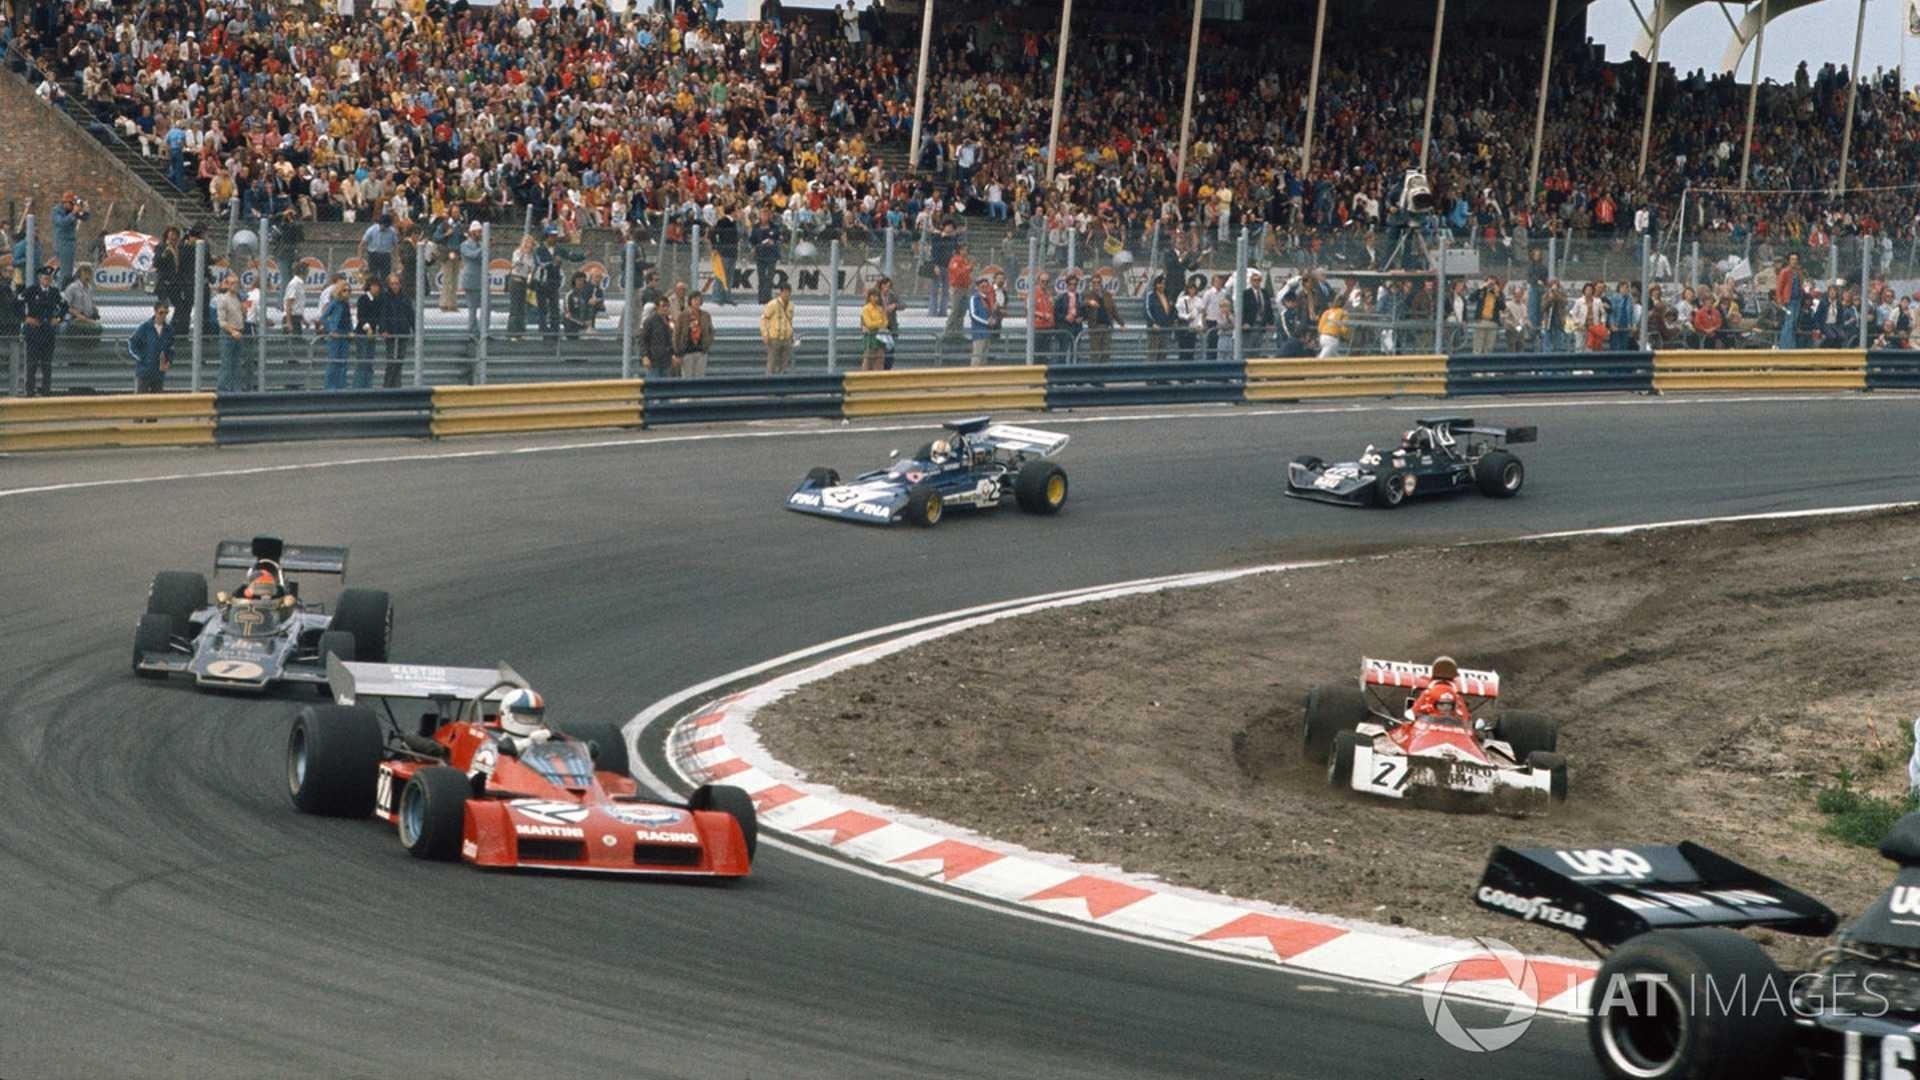 Dutch Grand Prix Seals Return To Formula 1 Calendar For 2020 2020 Formula 1 Calendar